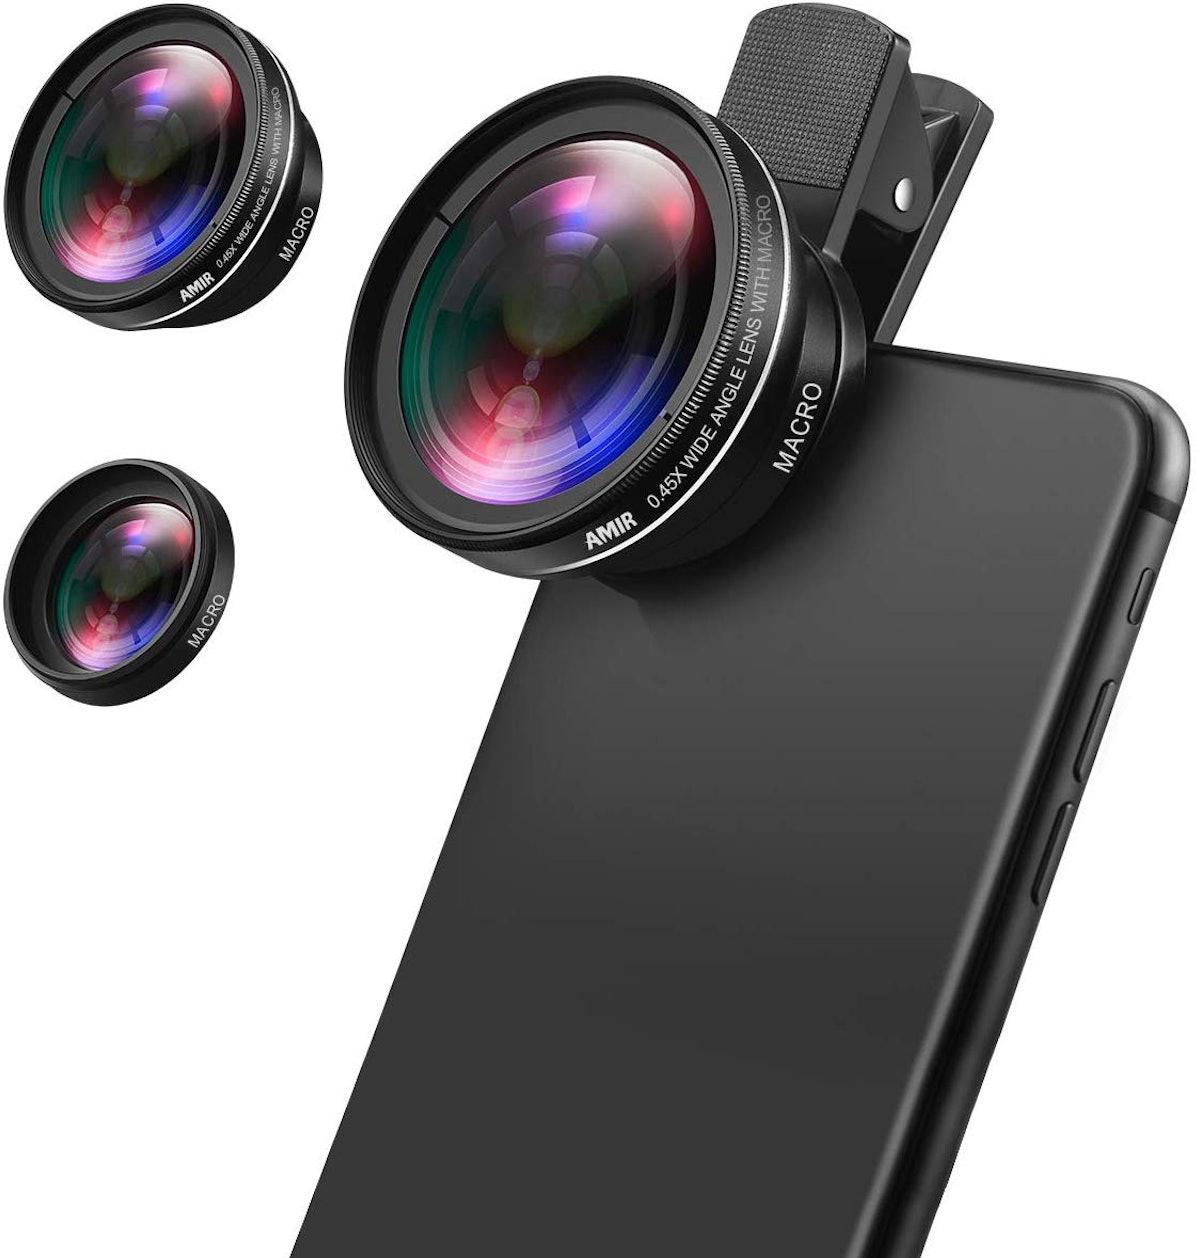 Criacr AMIR Phone Camera Lens